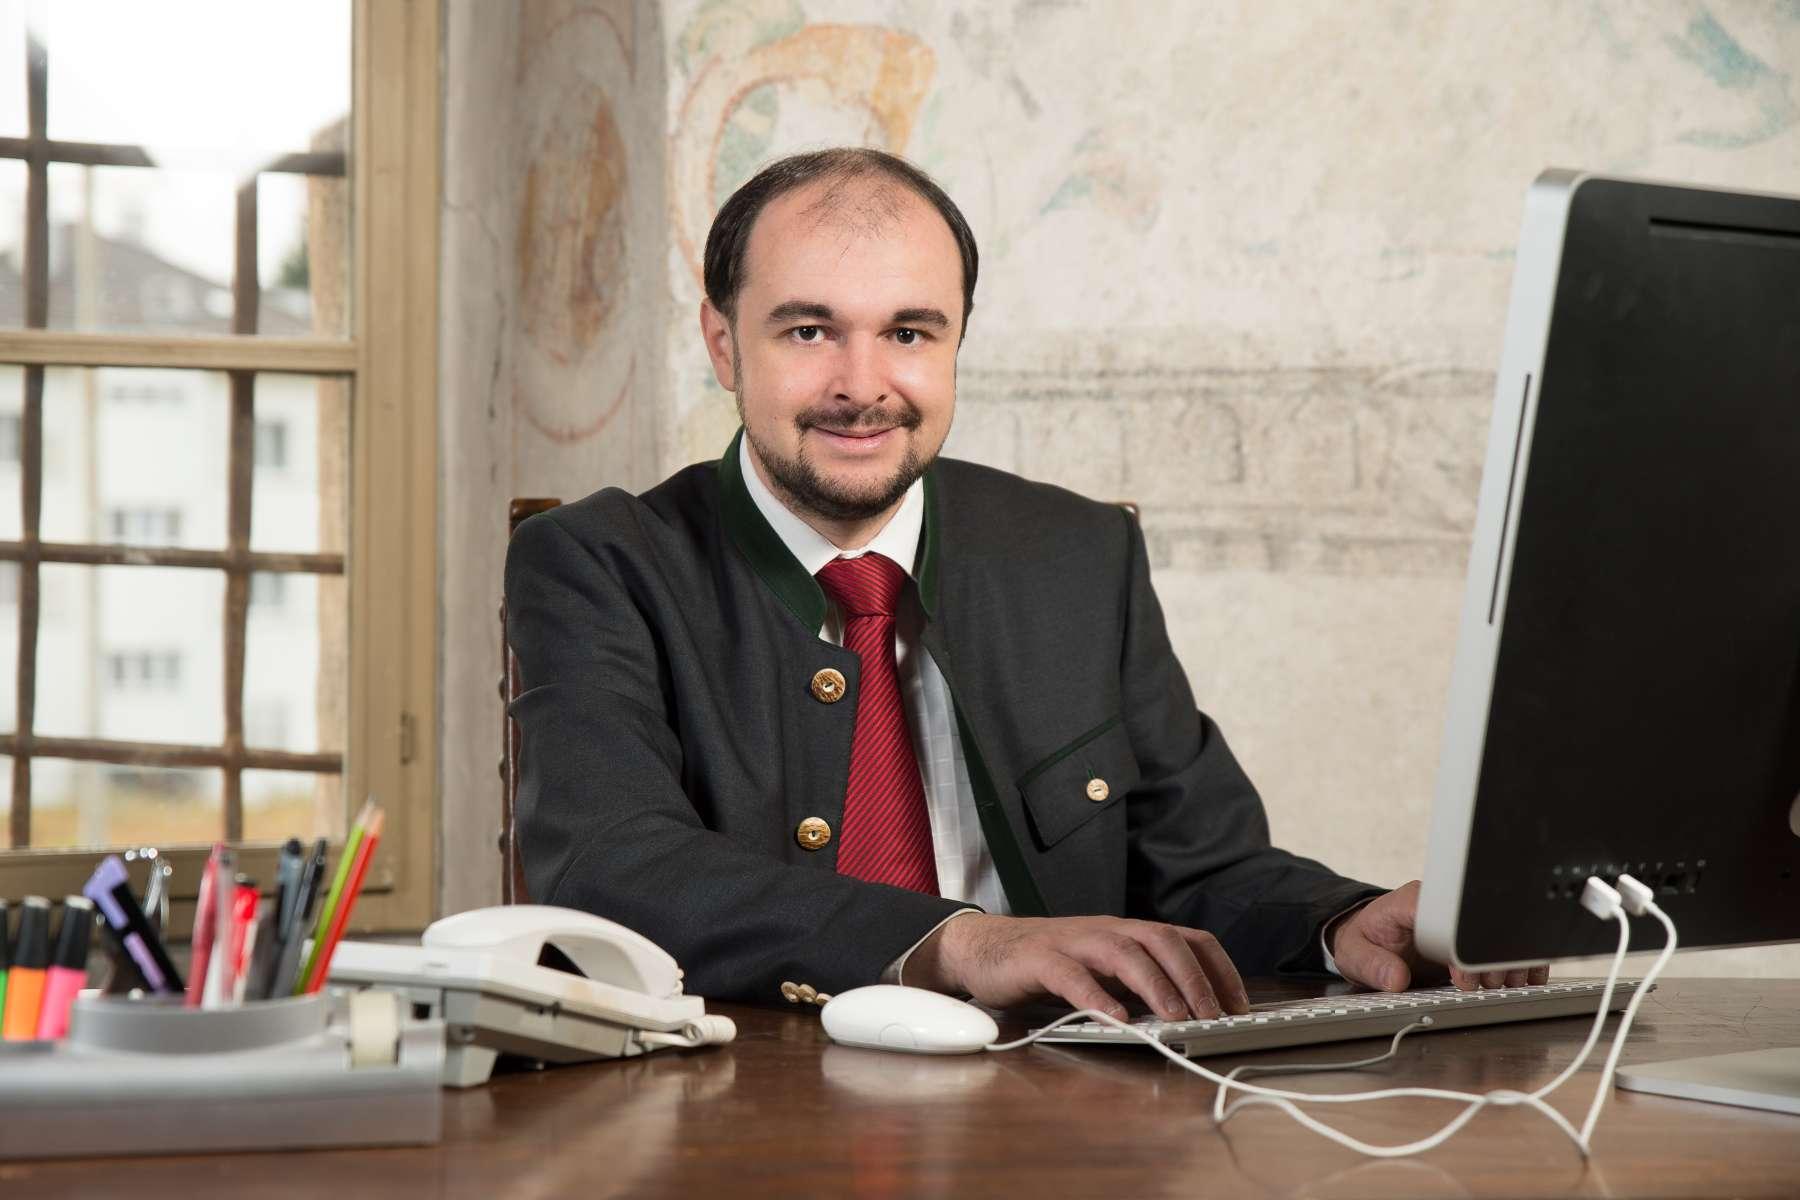 Muttersprache im BürgernetzAus Digitalisierung wird Italianisierung!